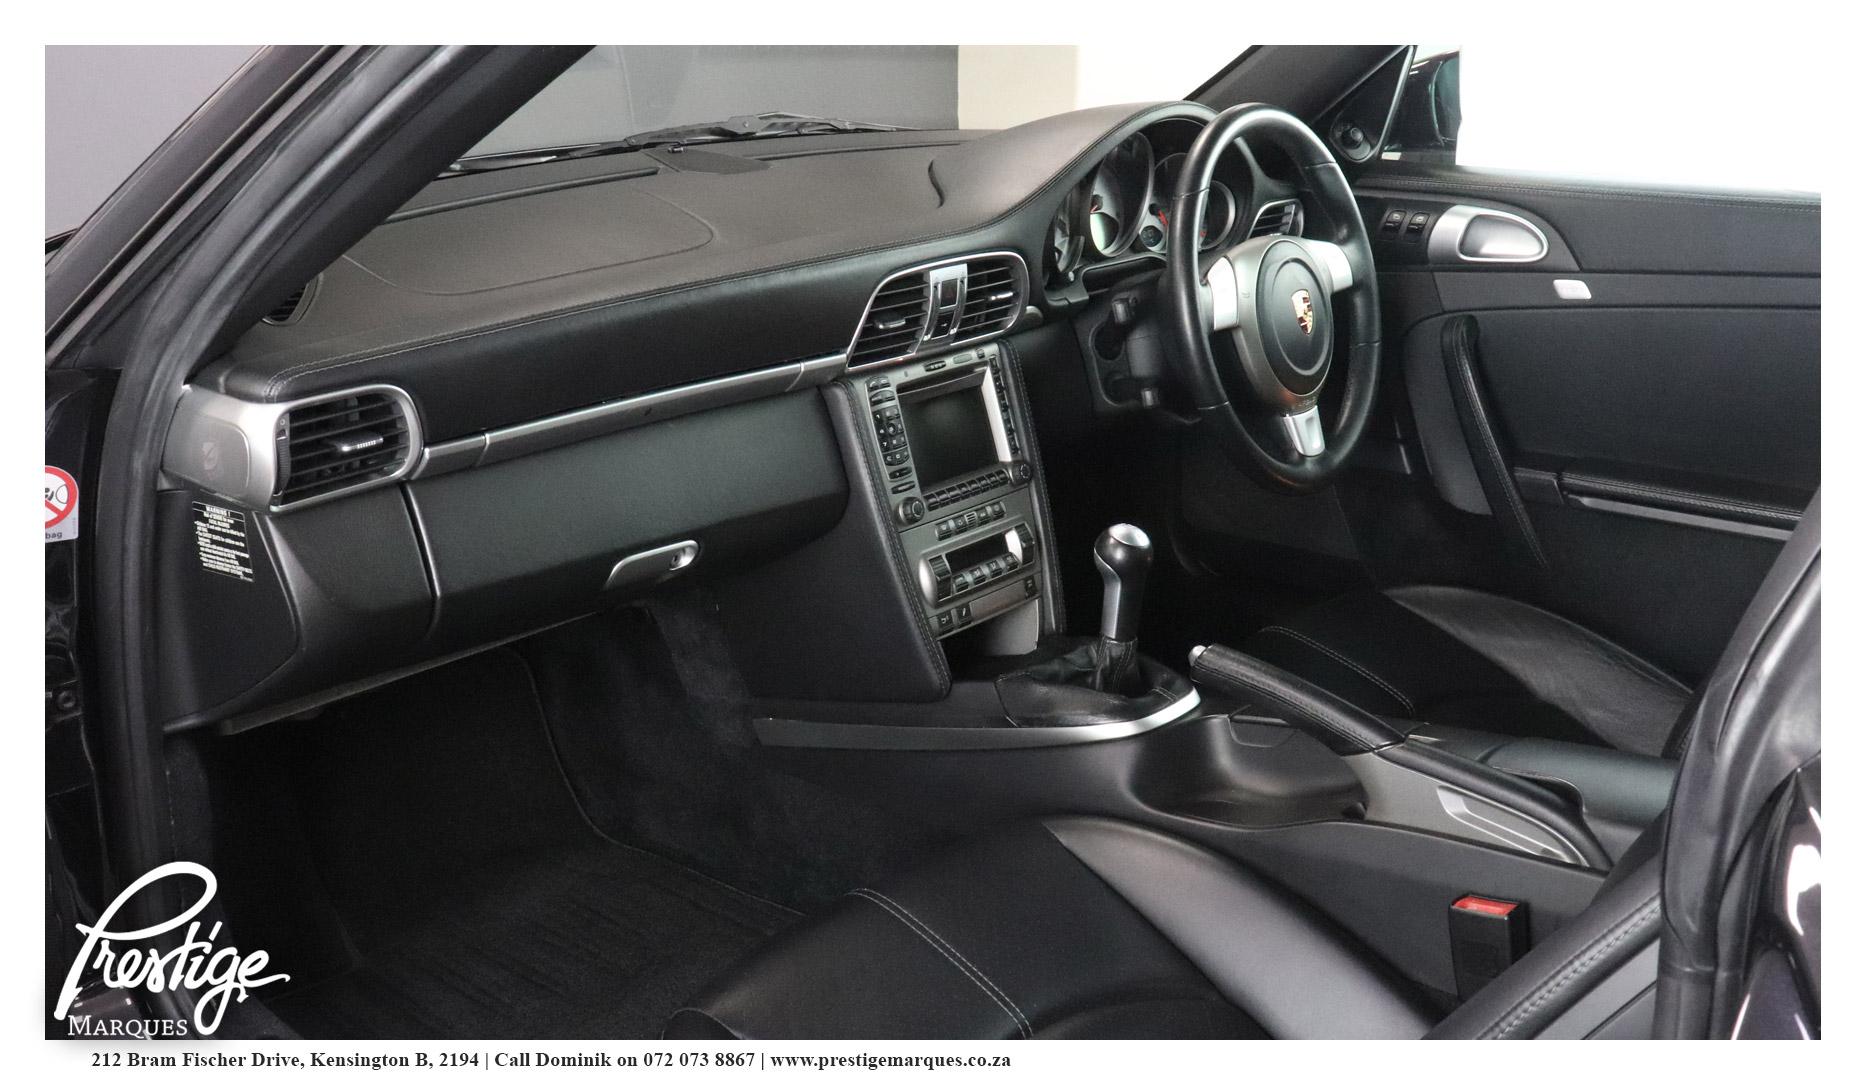 2006-Porsche-911-997-Carrera-S-Manual-Prestige-Marques-Randburg-Sandton-14